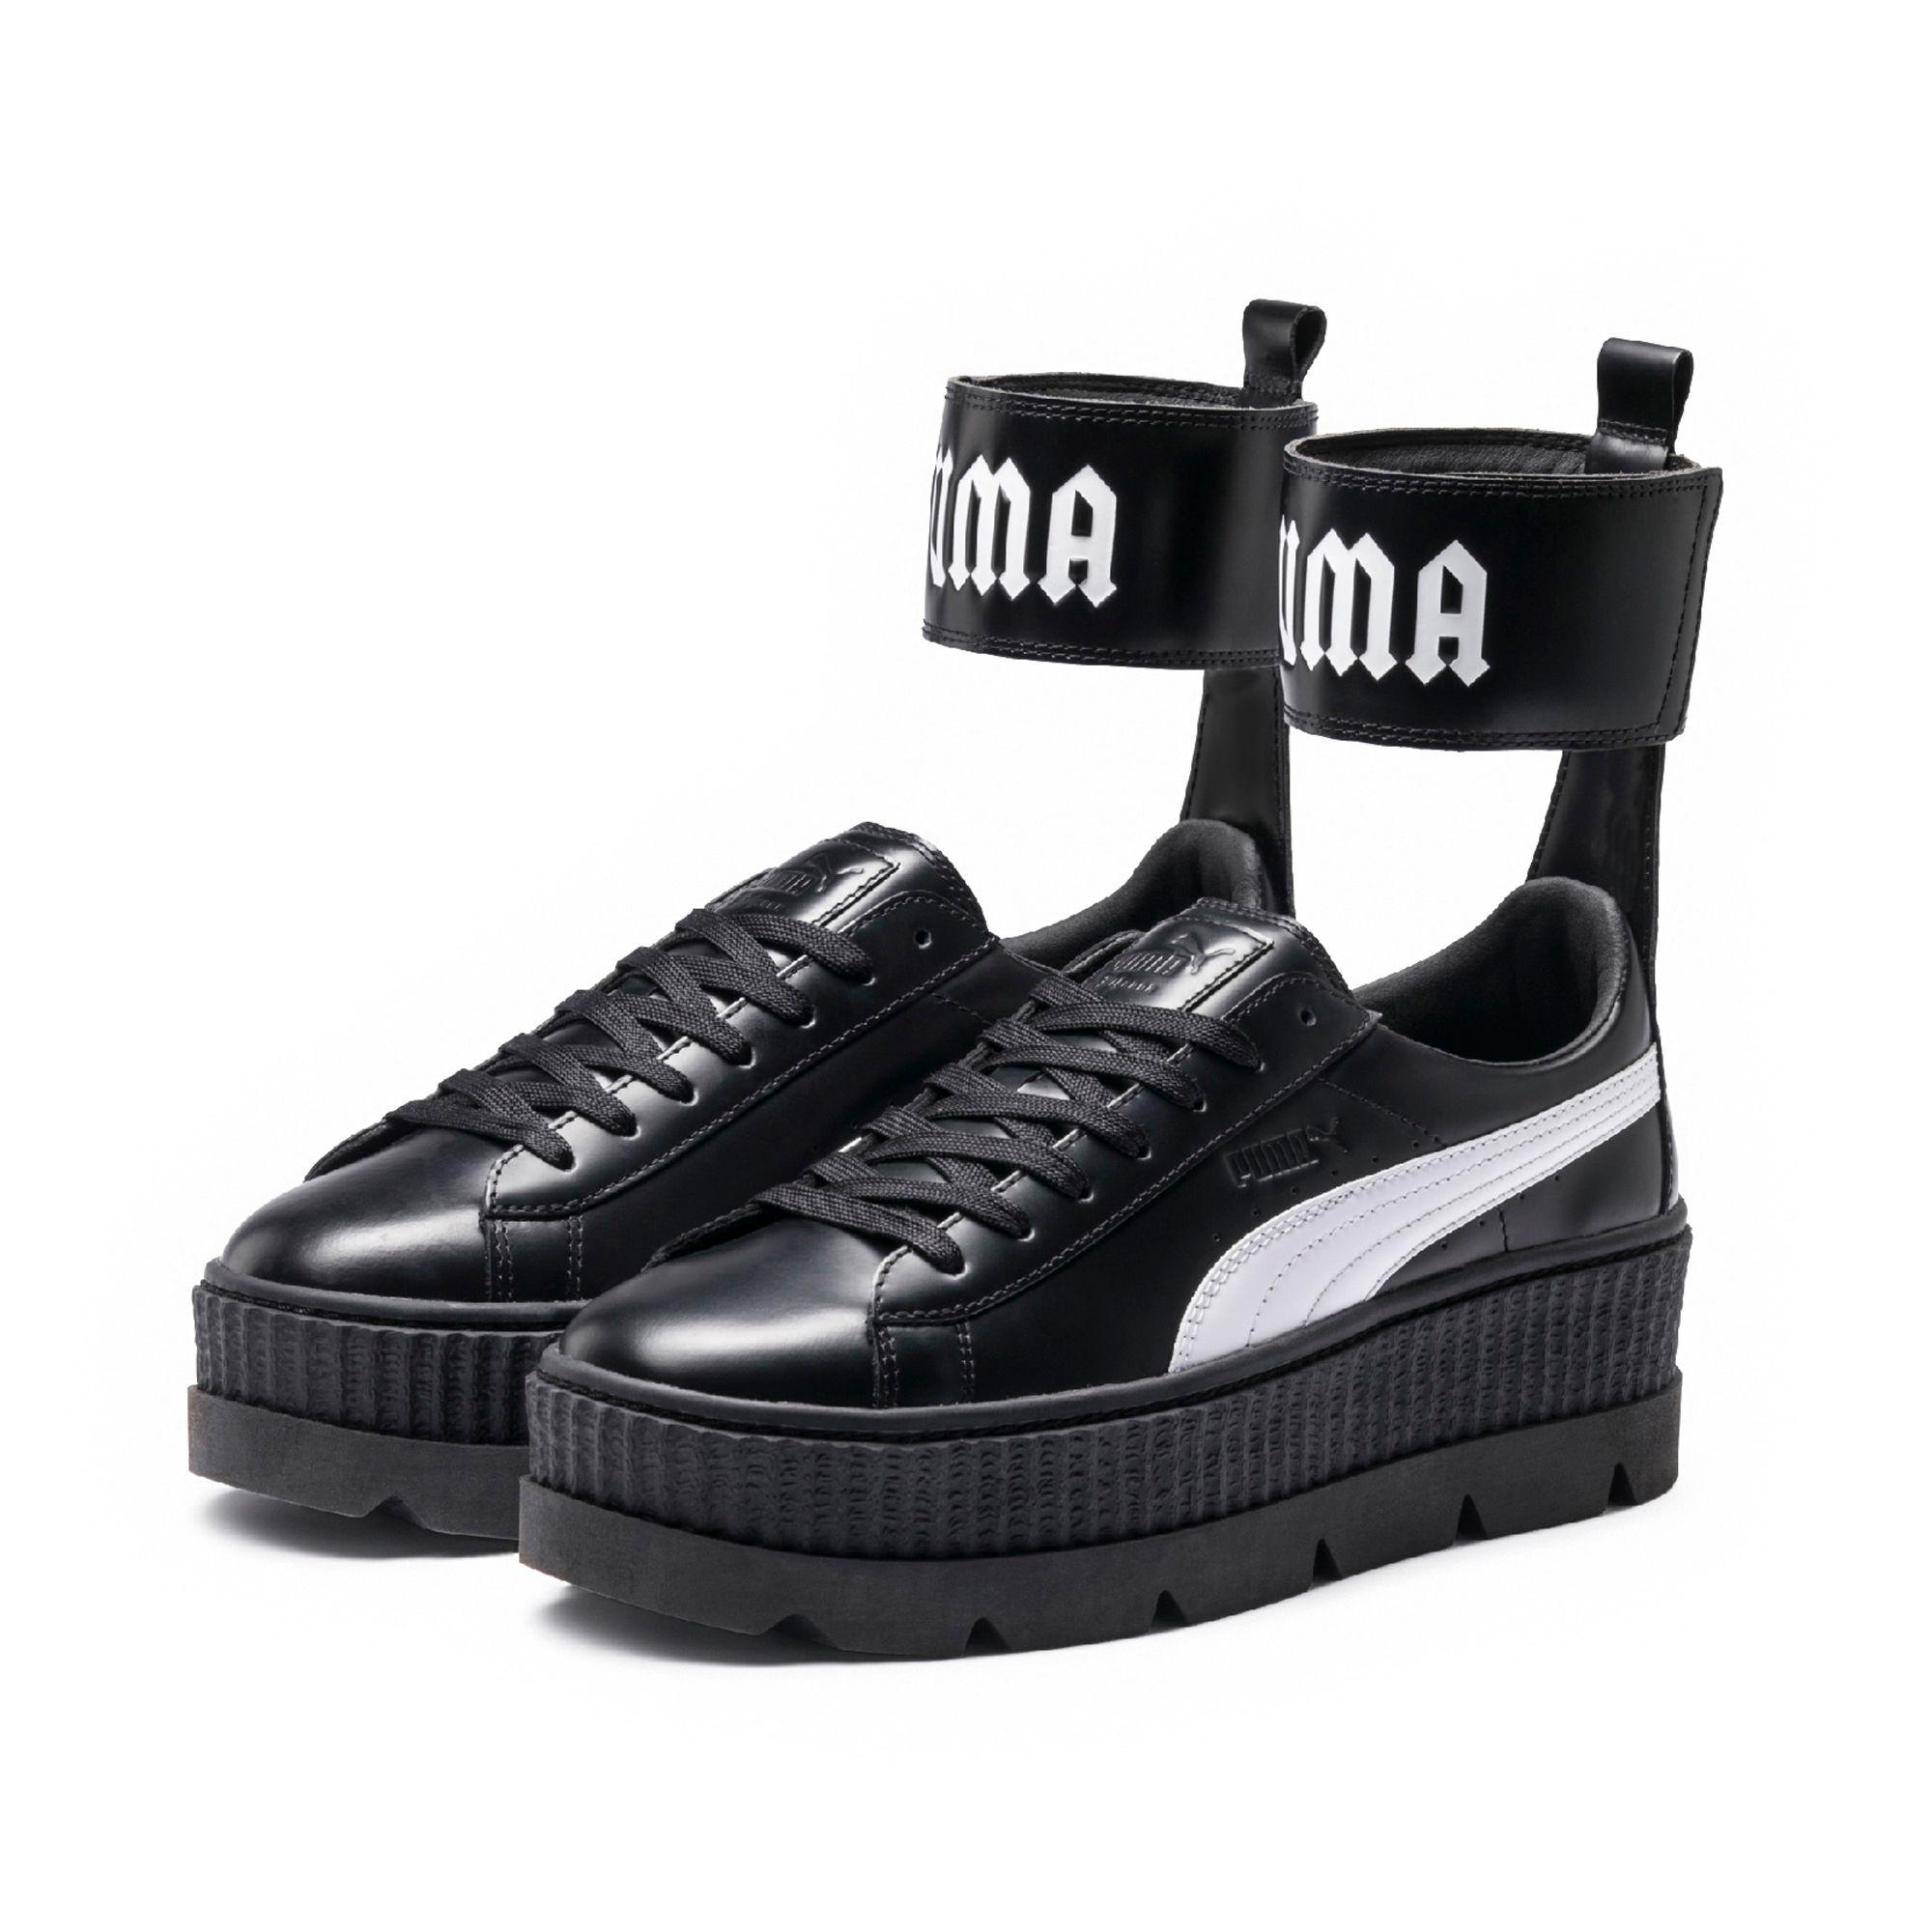 ФЕНТИ мужские Ankle Strap Sneaker